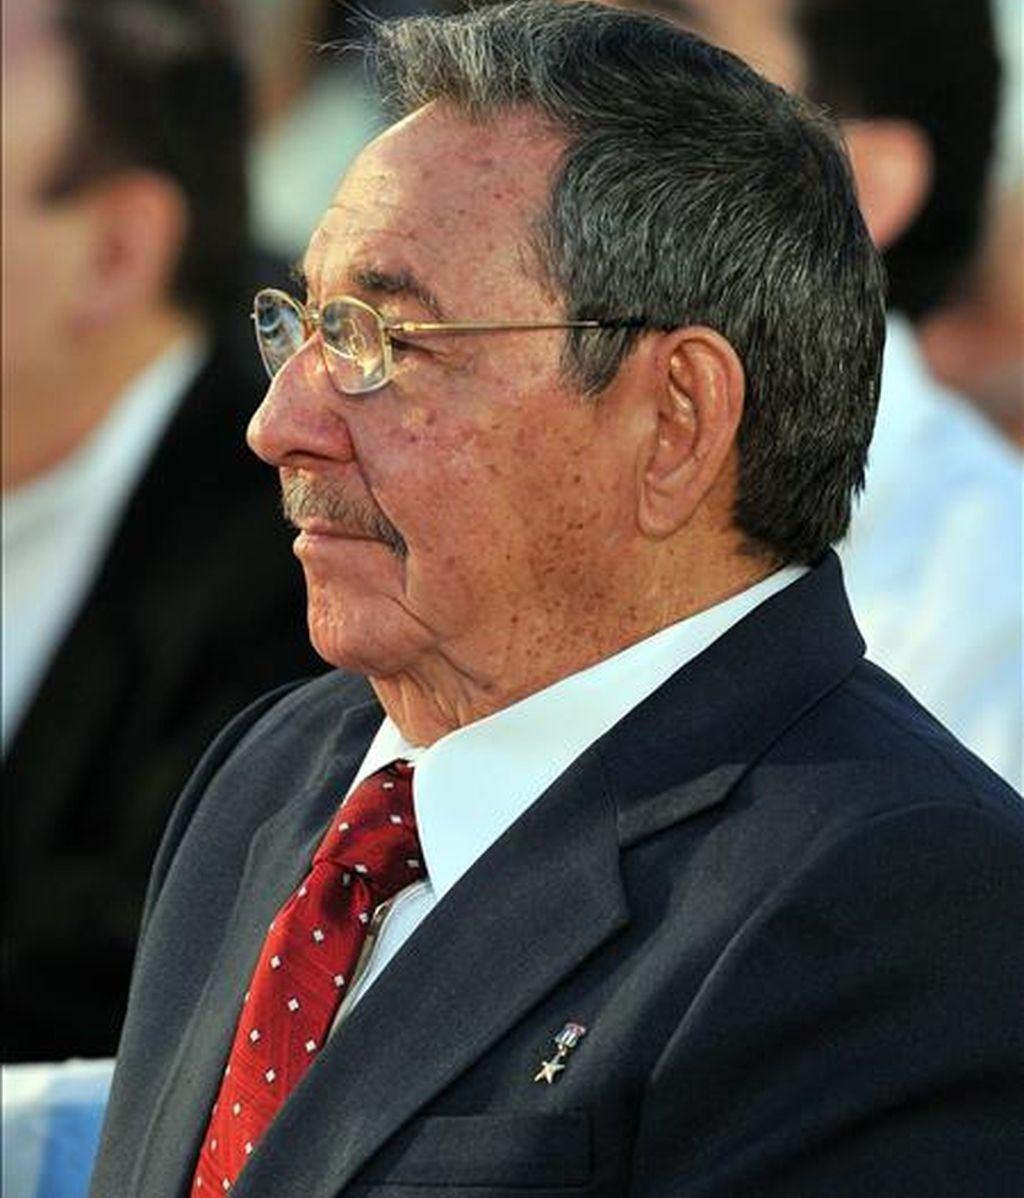 El presidente cubano, el general Raúl Castro, asiste el pasado mes de febrero a la inauguración de la XVIII Feria Internacional del Libro de La Habana. EFE/Archivo